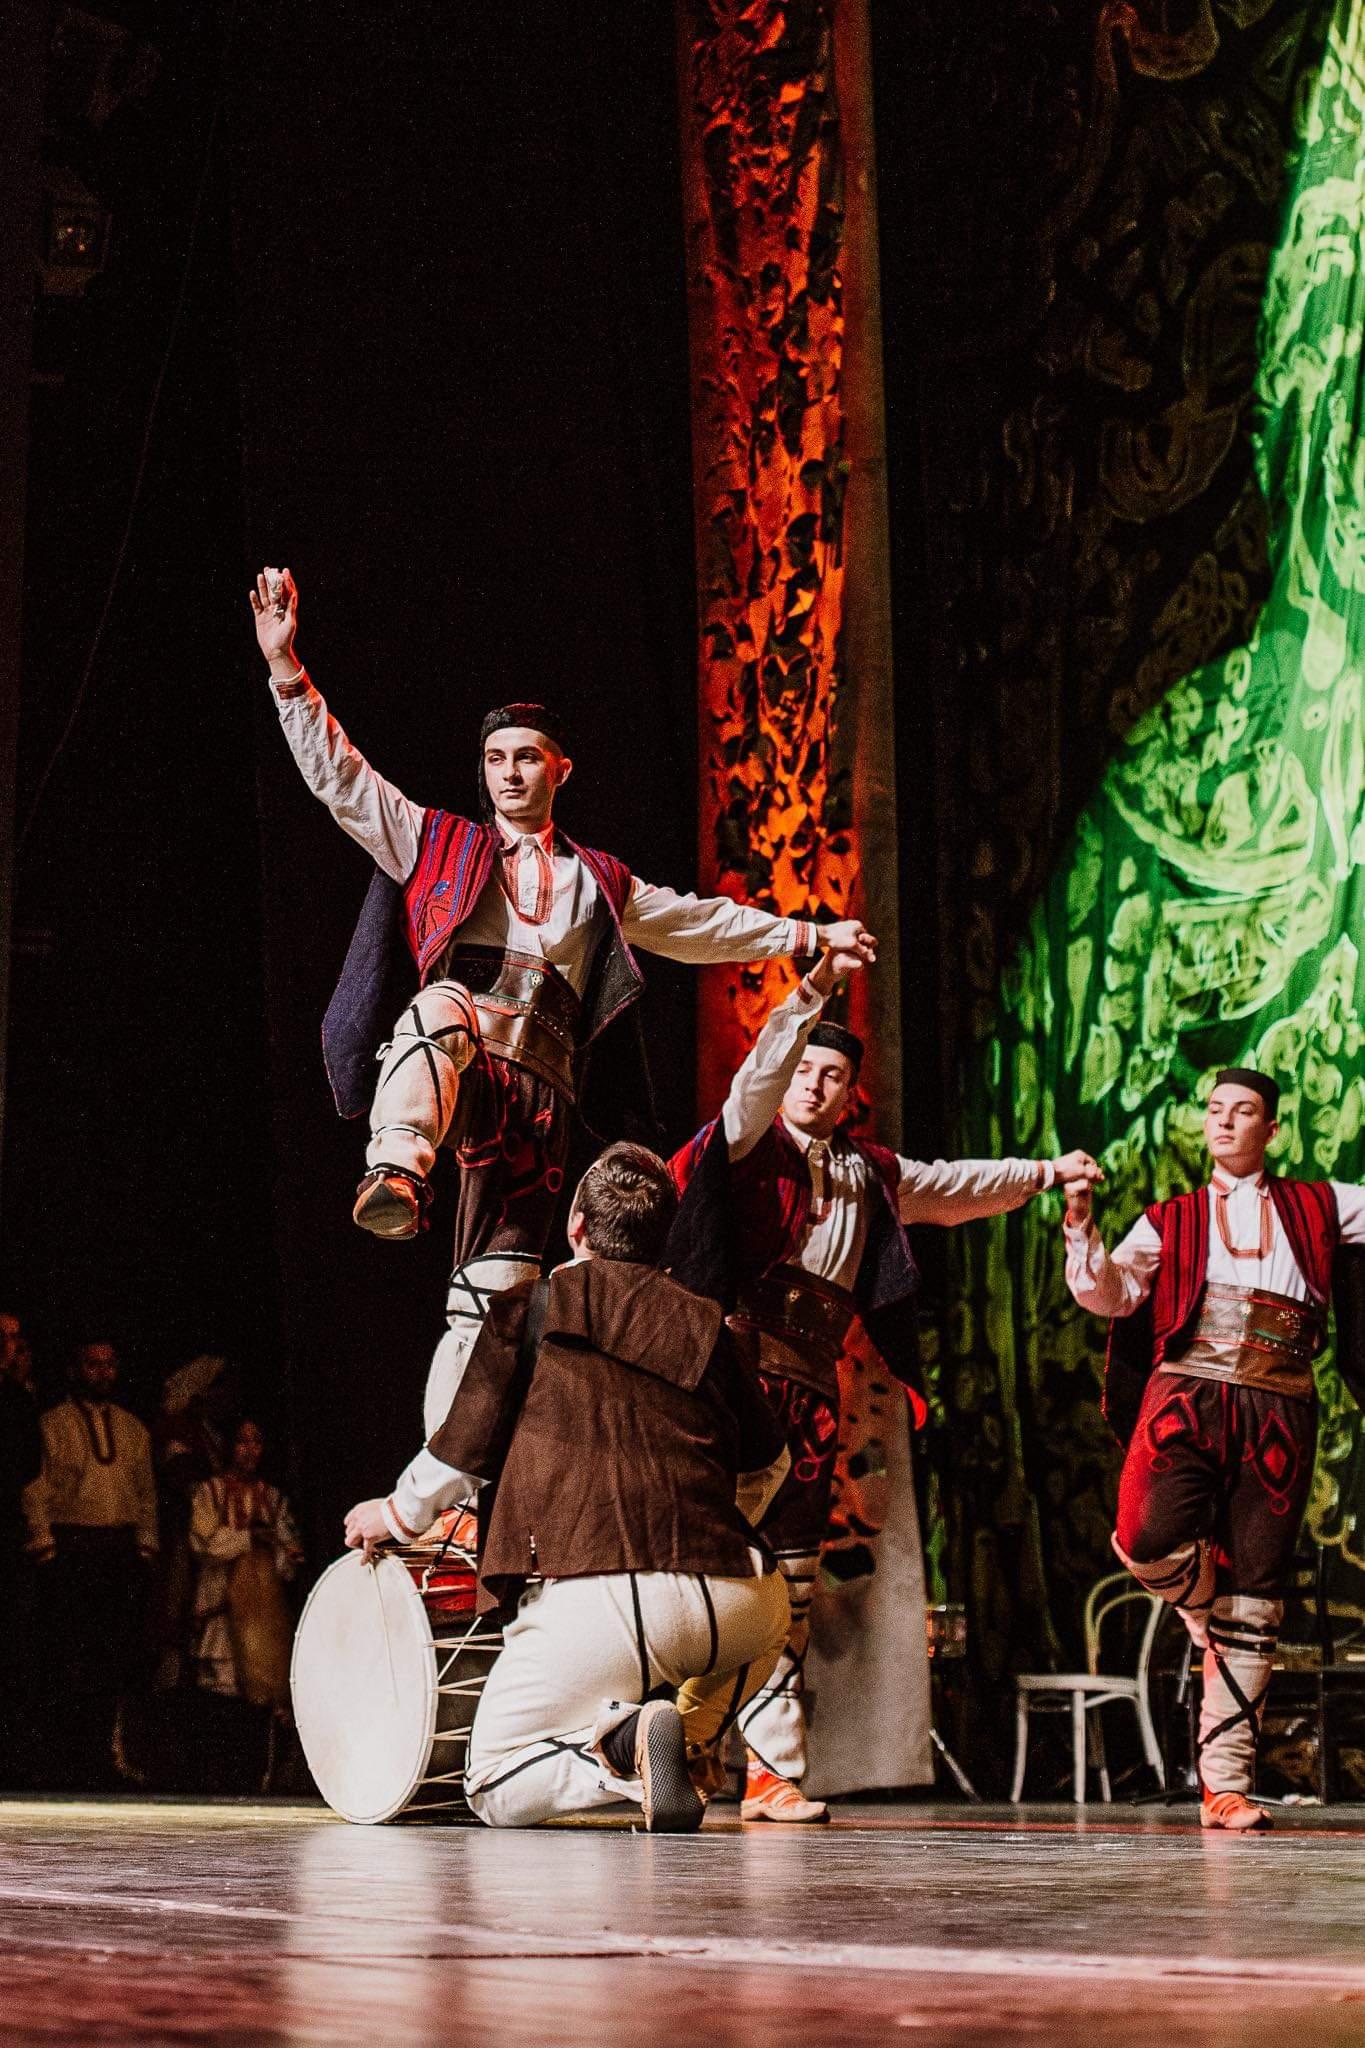 КУД ИЛИНДЕН ја започнува концертната сезона од Пациото во недела, а ќе настапи и на светската фолклоријада во Русија